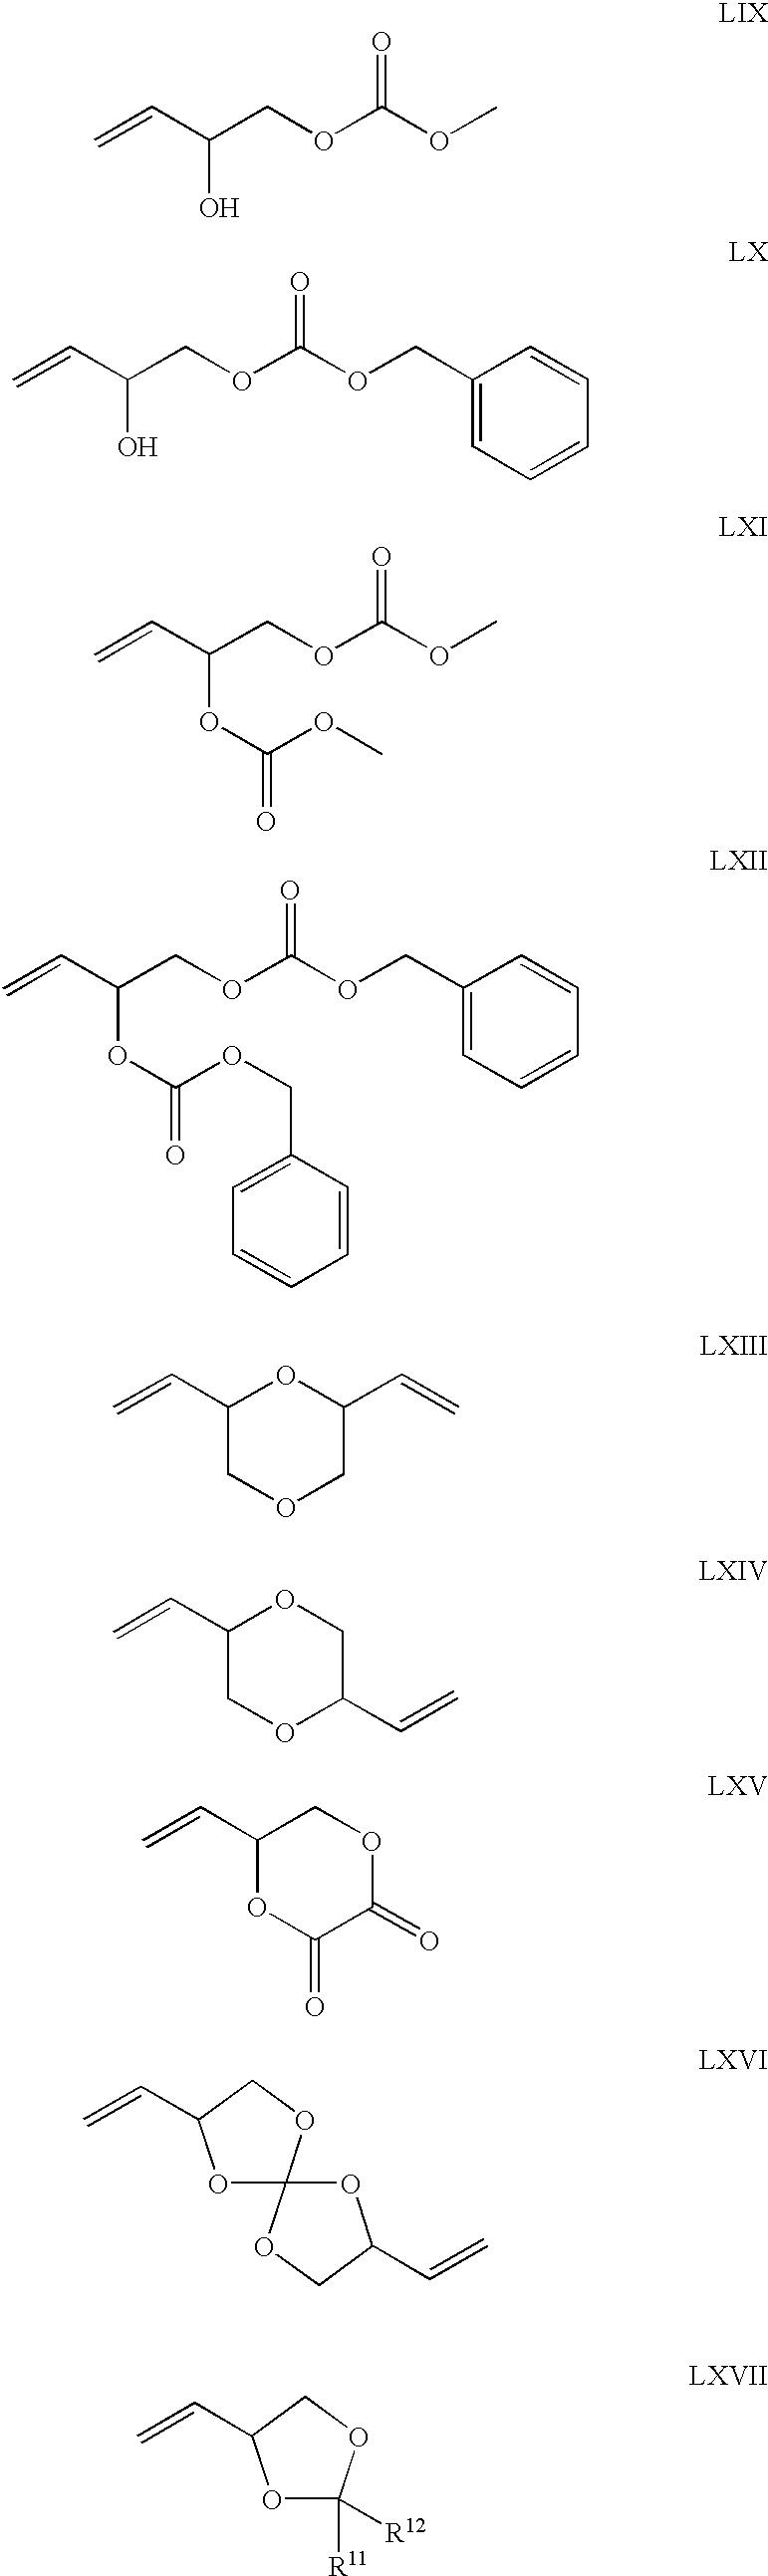 Figure US06608157-20030819-C00011